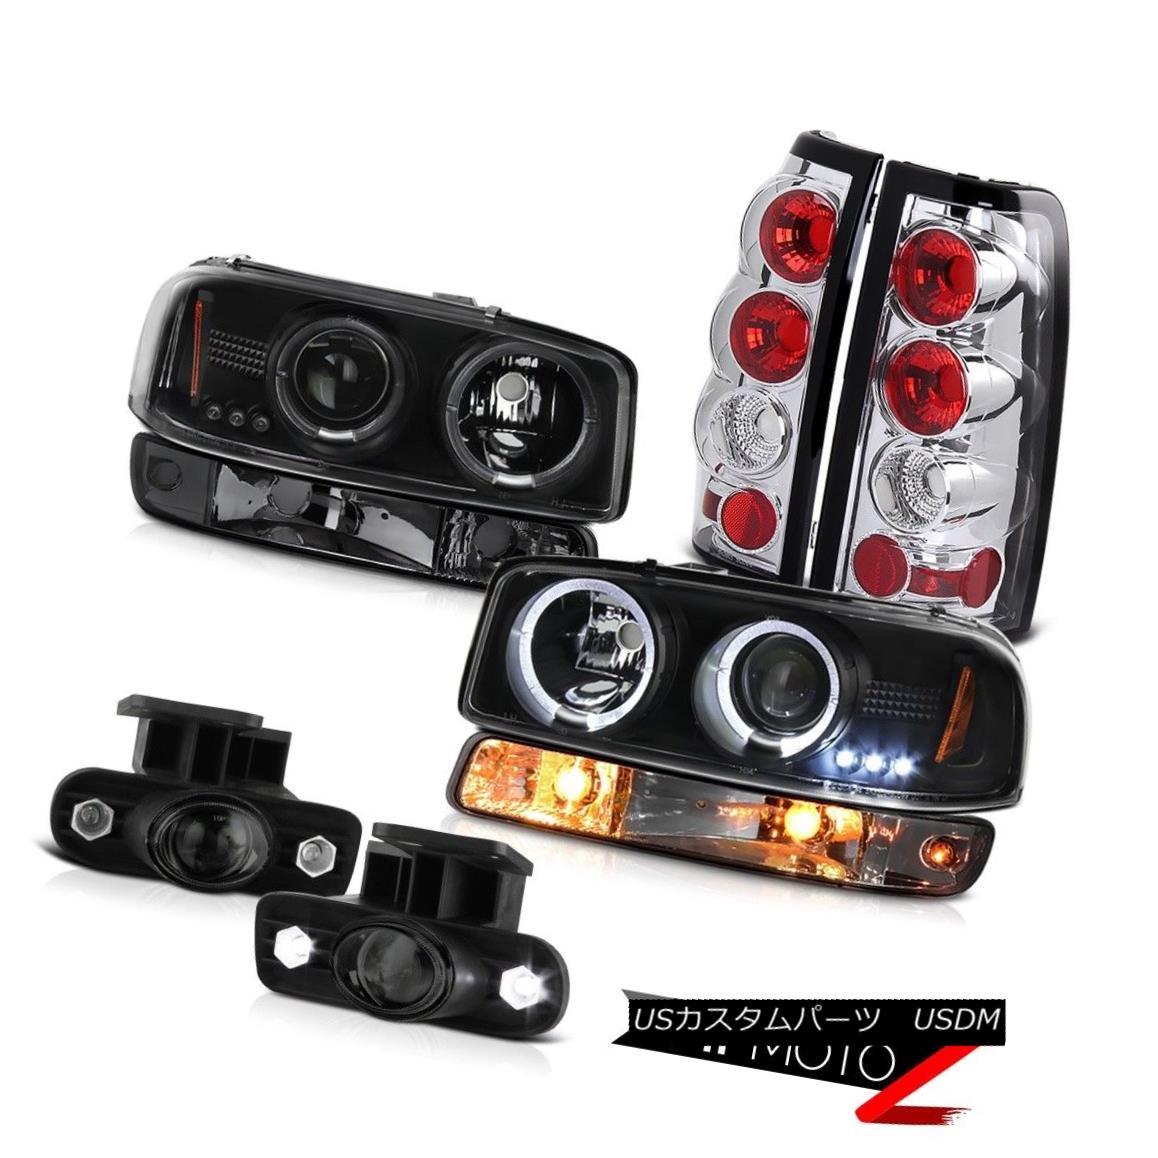 ヘッドライト 1999-2002 Sierra 2500 Graphite smoke foglights tail lamps bumper light headlamps 1999-2002 Sierra 2500黒鉛煙霧ランプテールランプバンパーライトヘッドライト